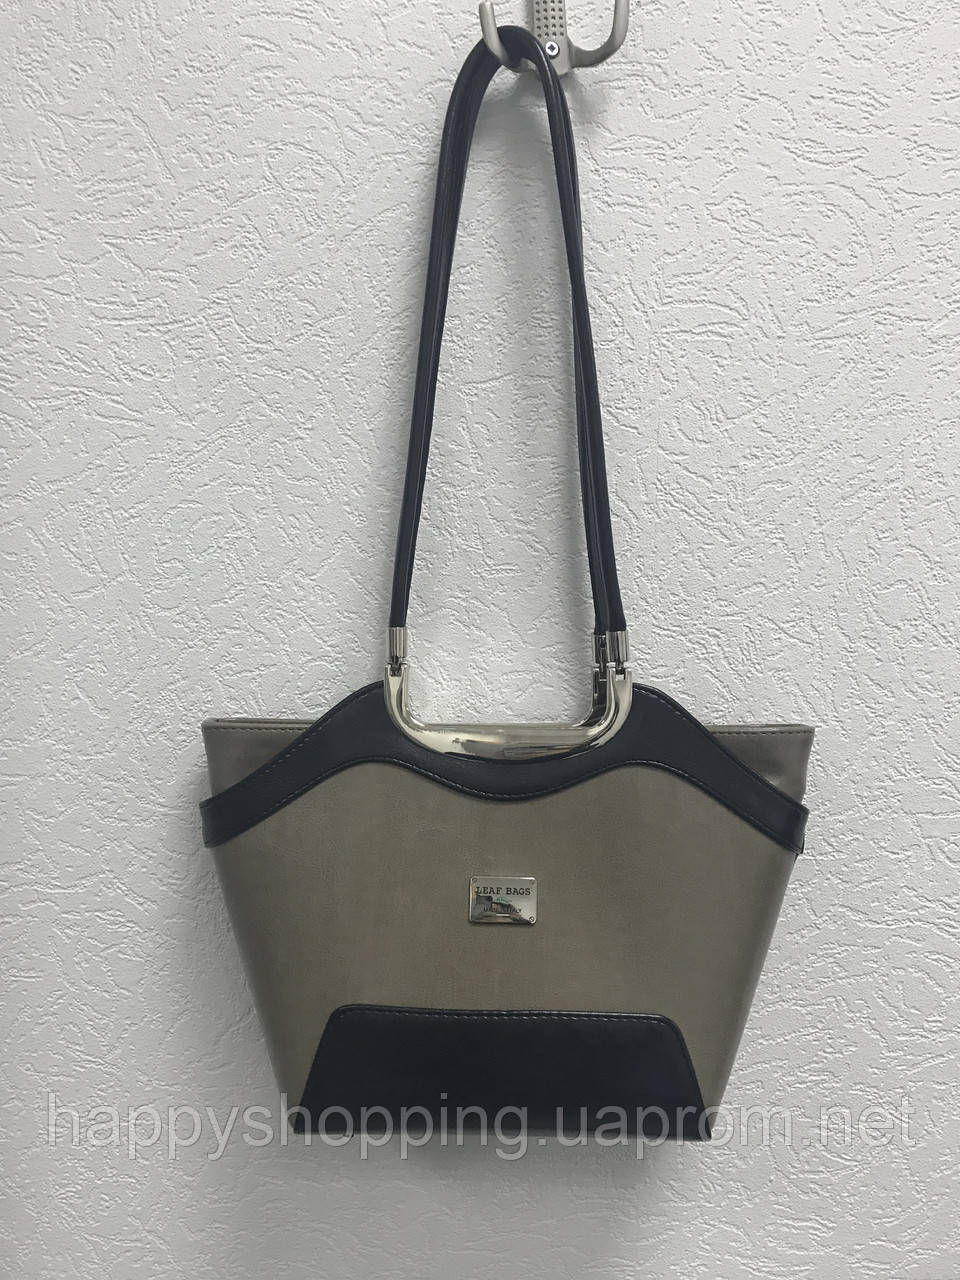 Сумка Leaf Bags